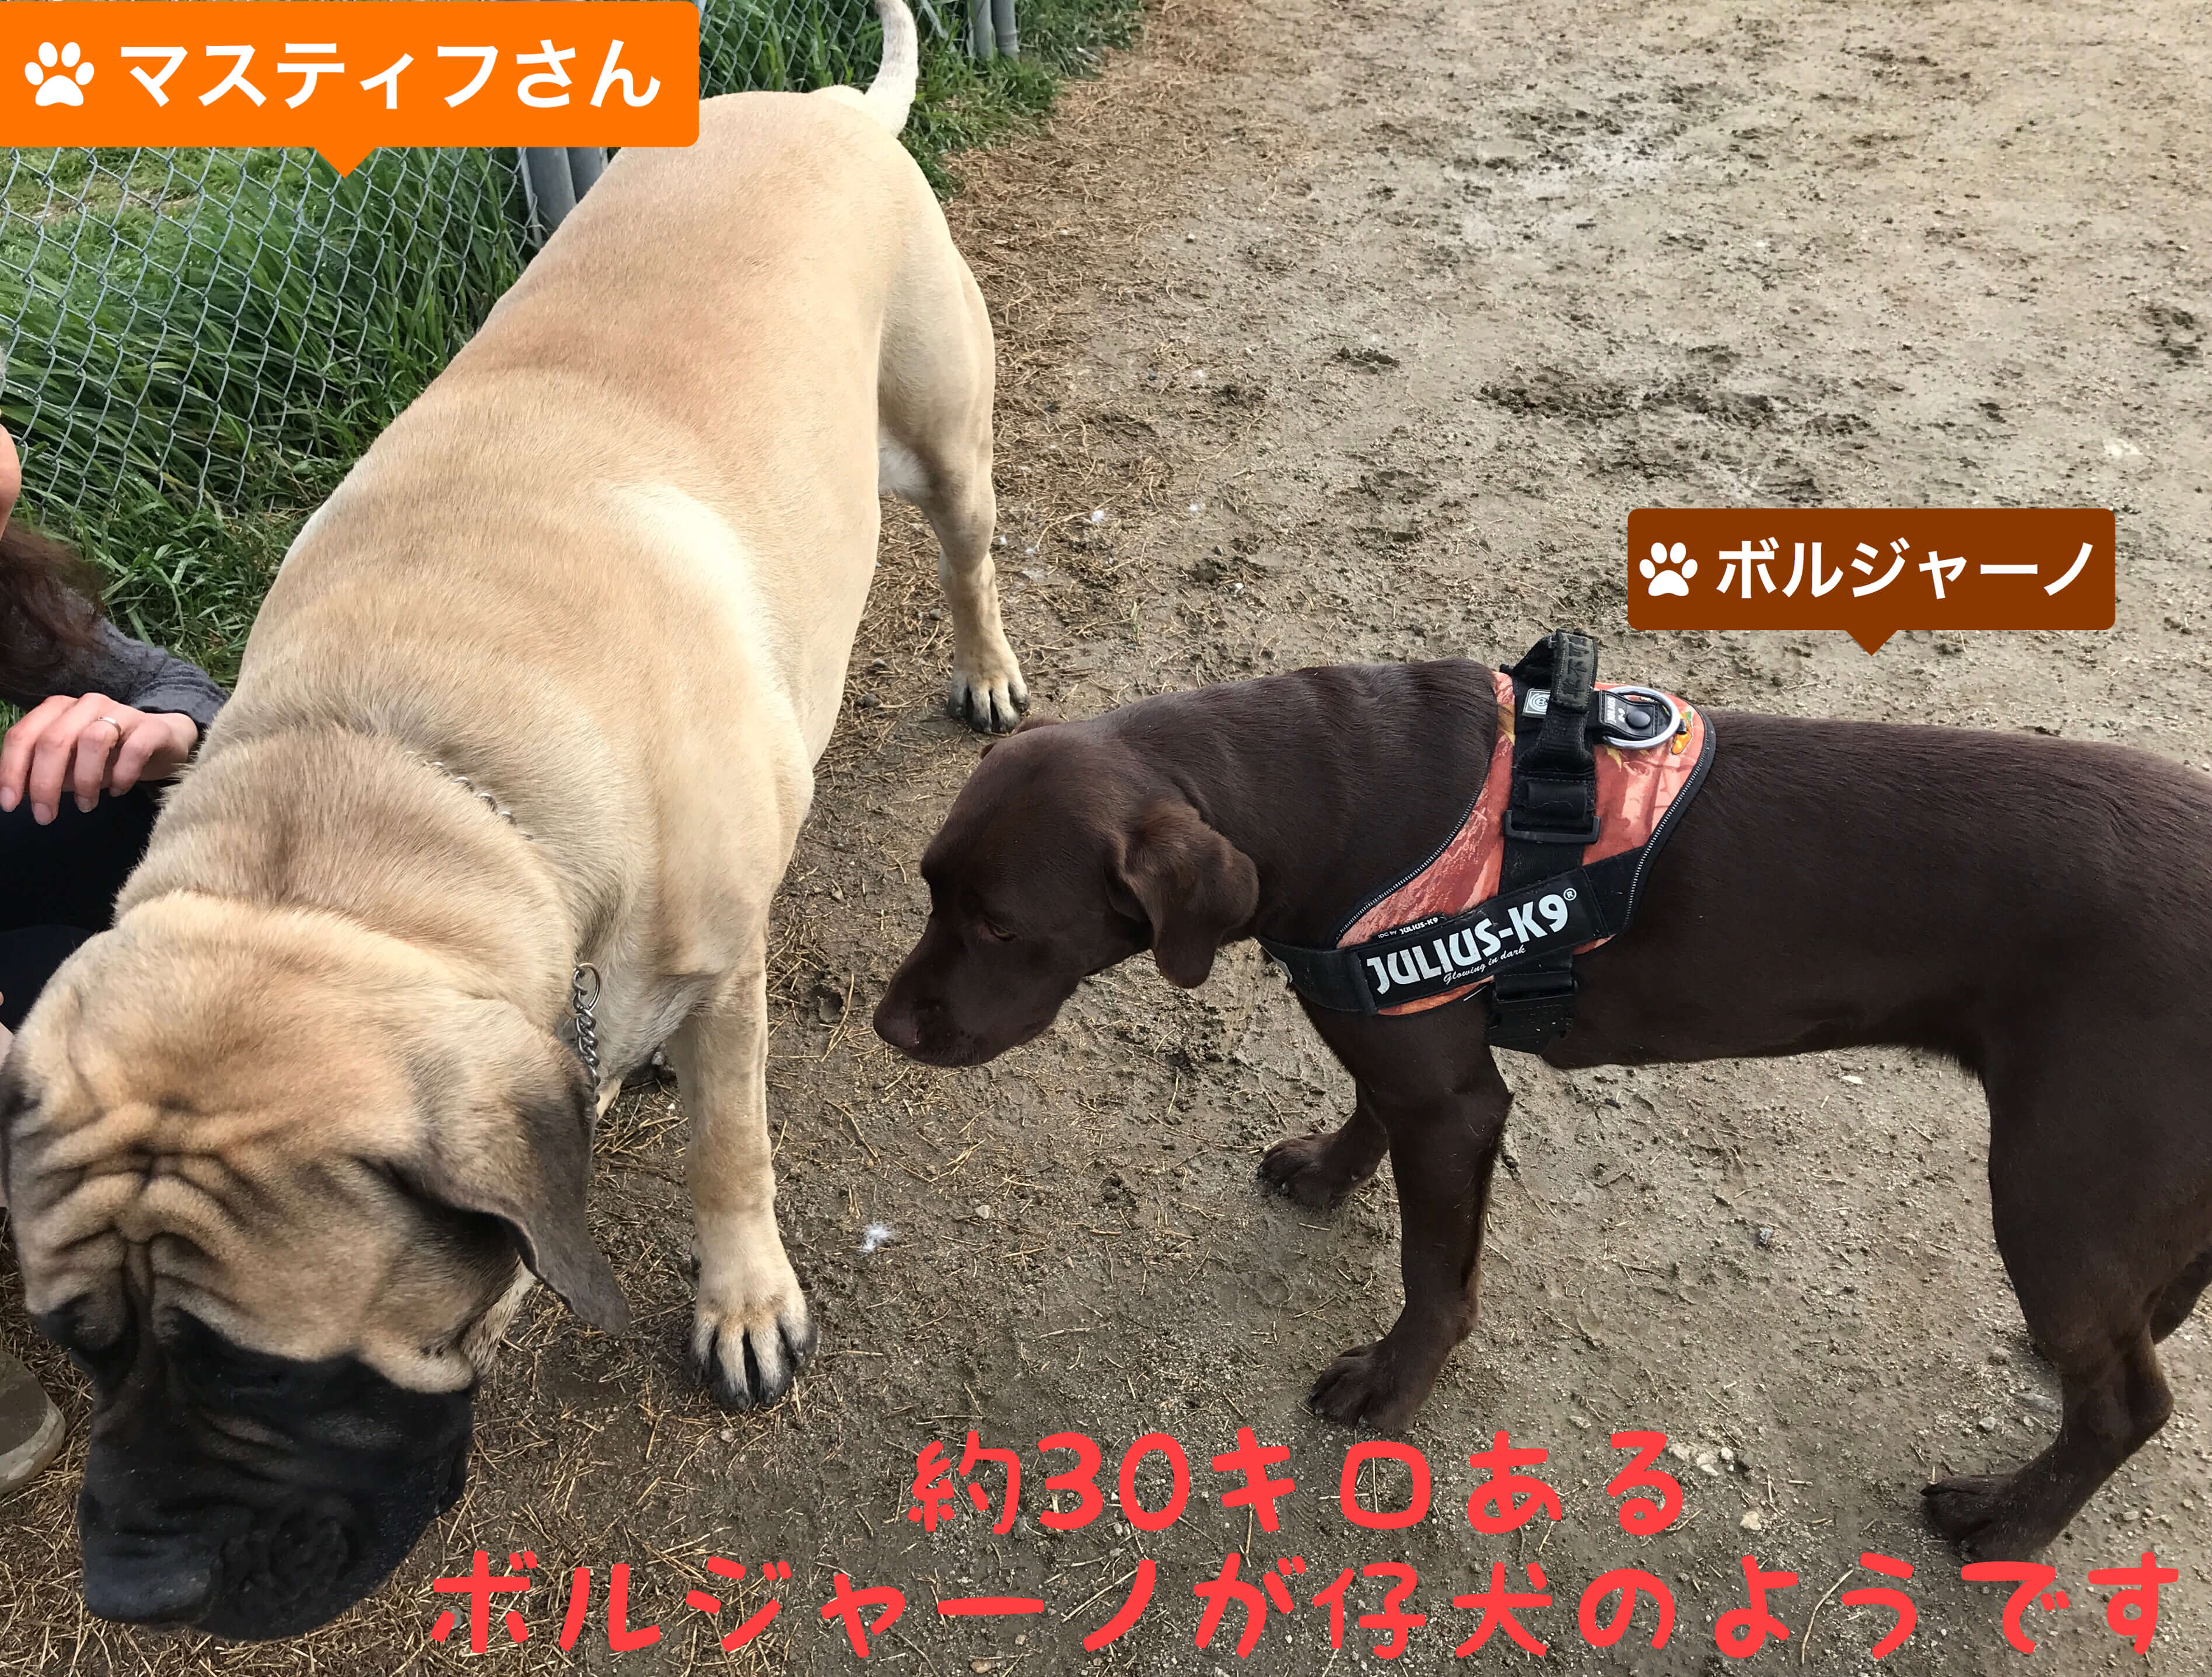 堺浜 海とのふれあい広場 ドッグラン マスティフさん ボルジャーノ 約30キロあるボルジャーノが仔犬にようです